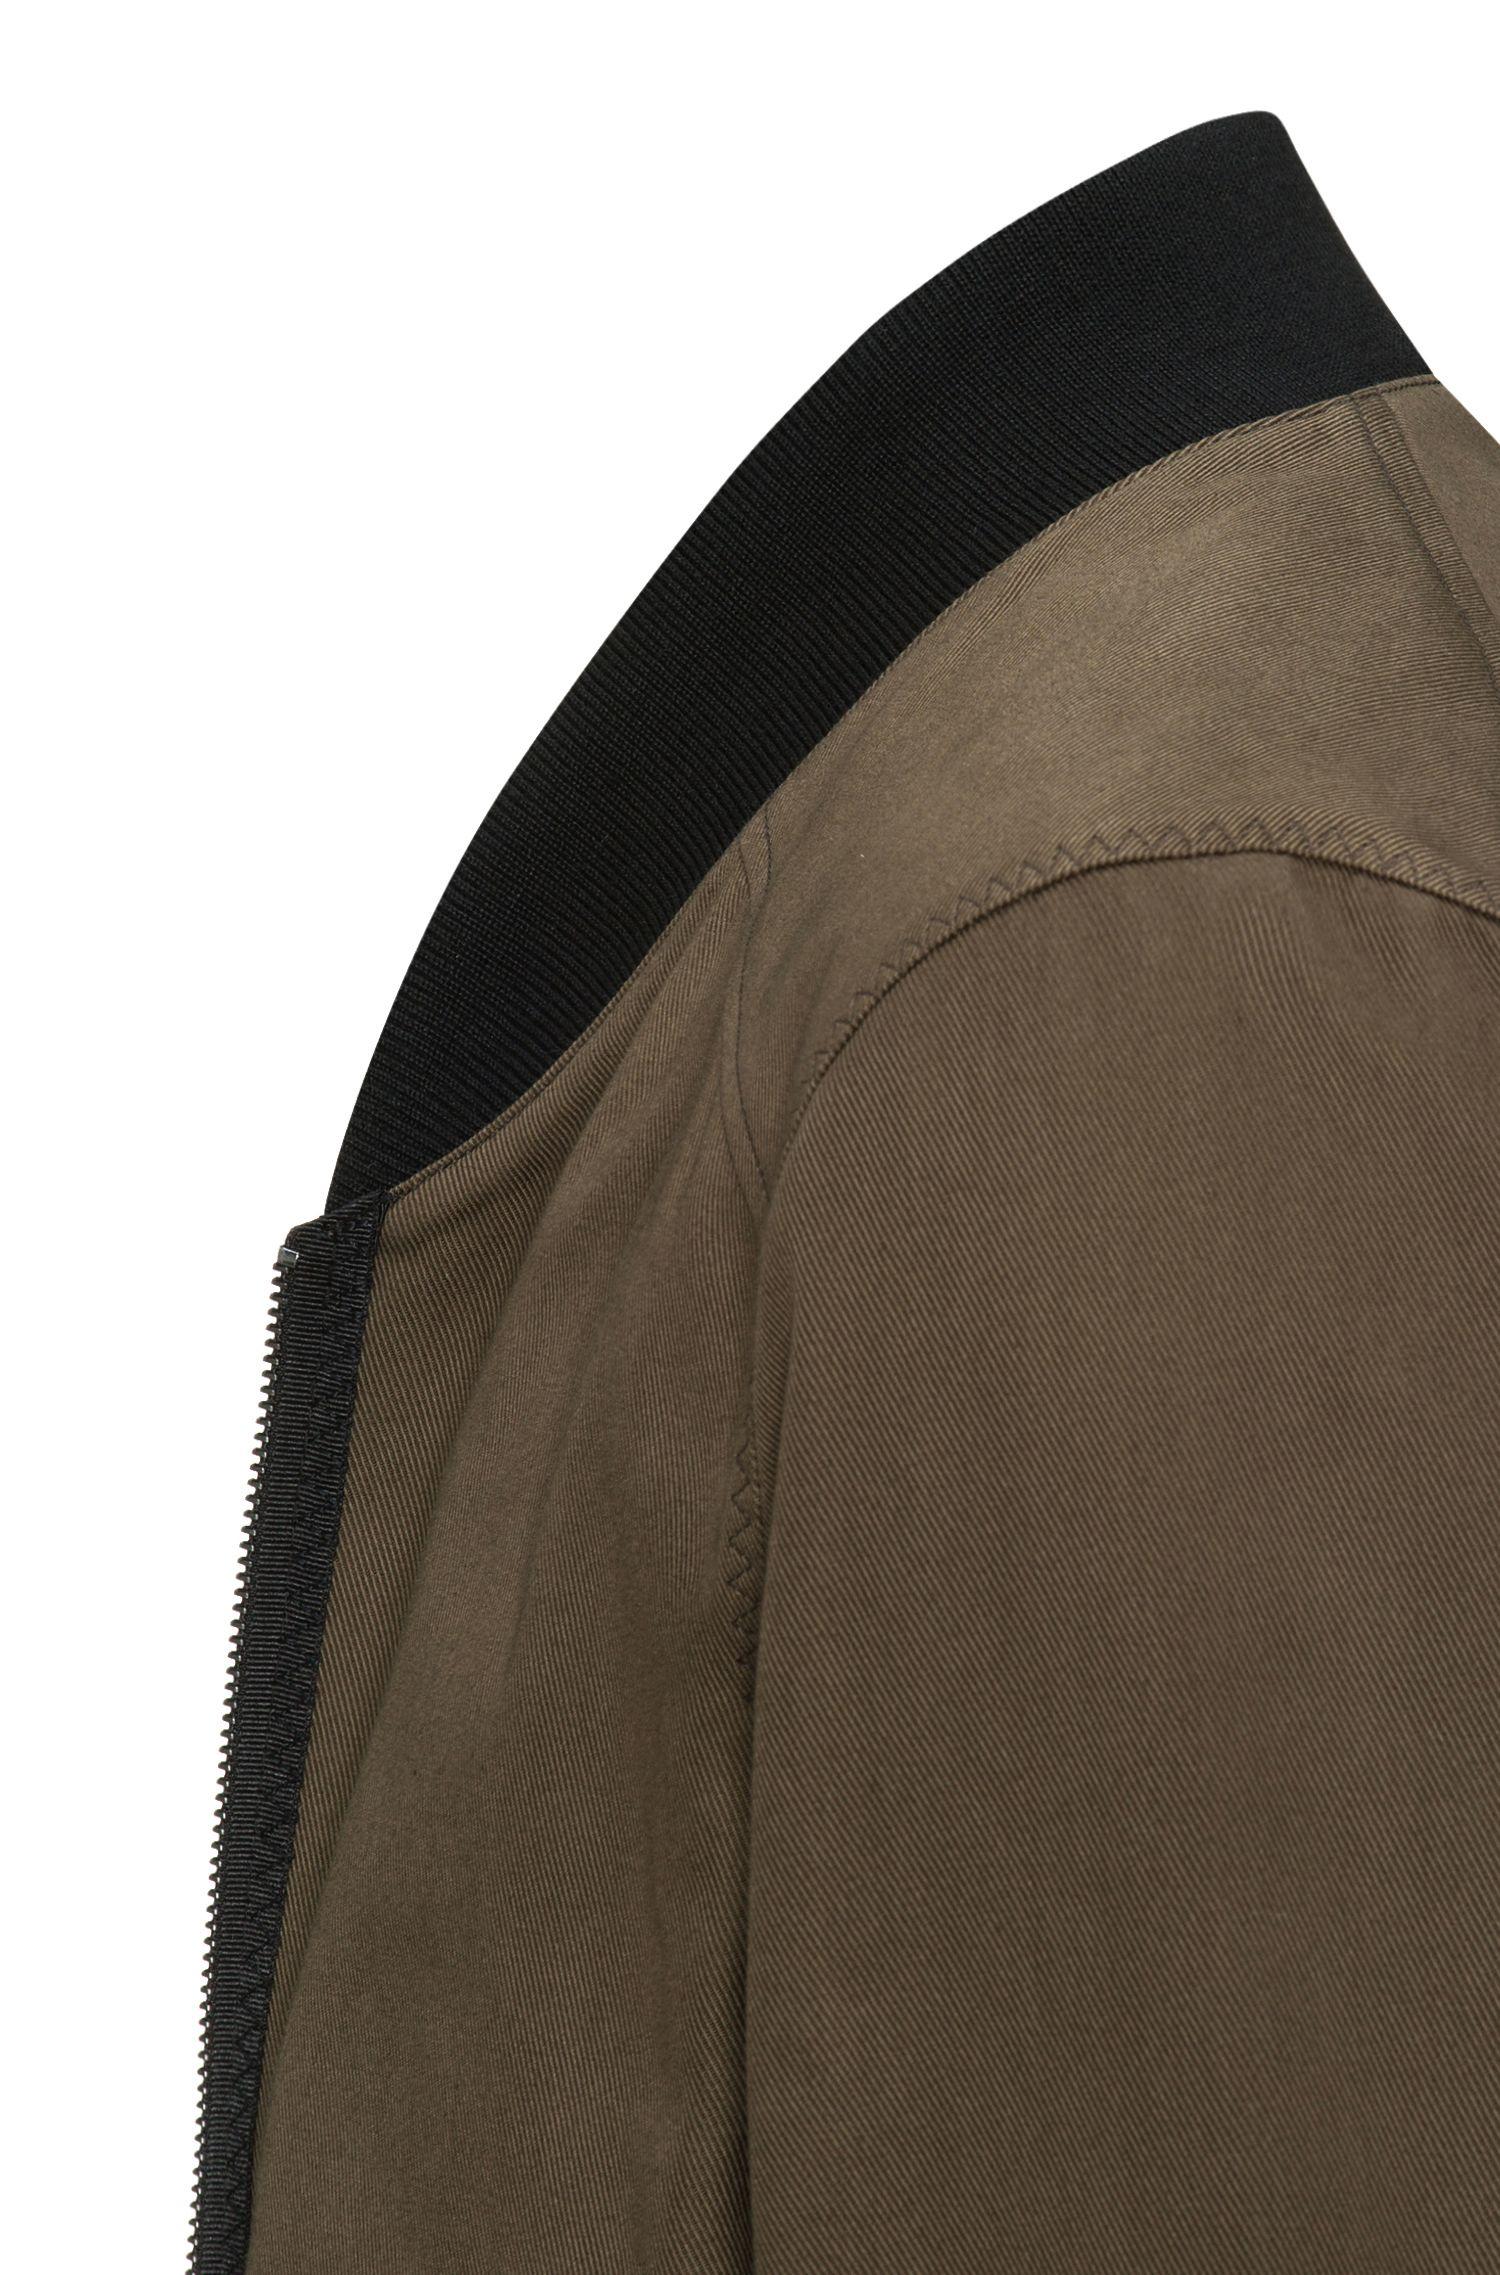 Soprabito con zip integrale in twill di cotone con colletto rialzato in maglia